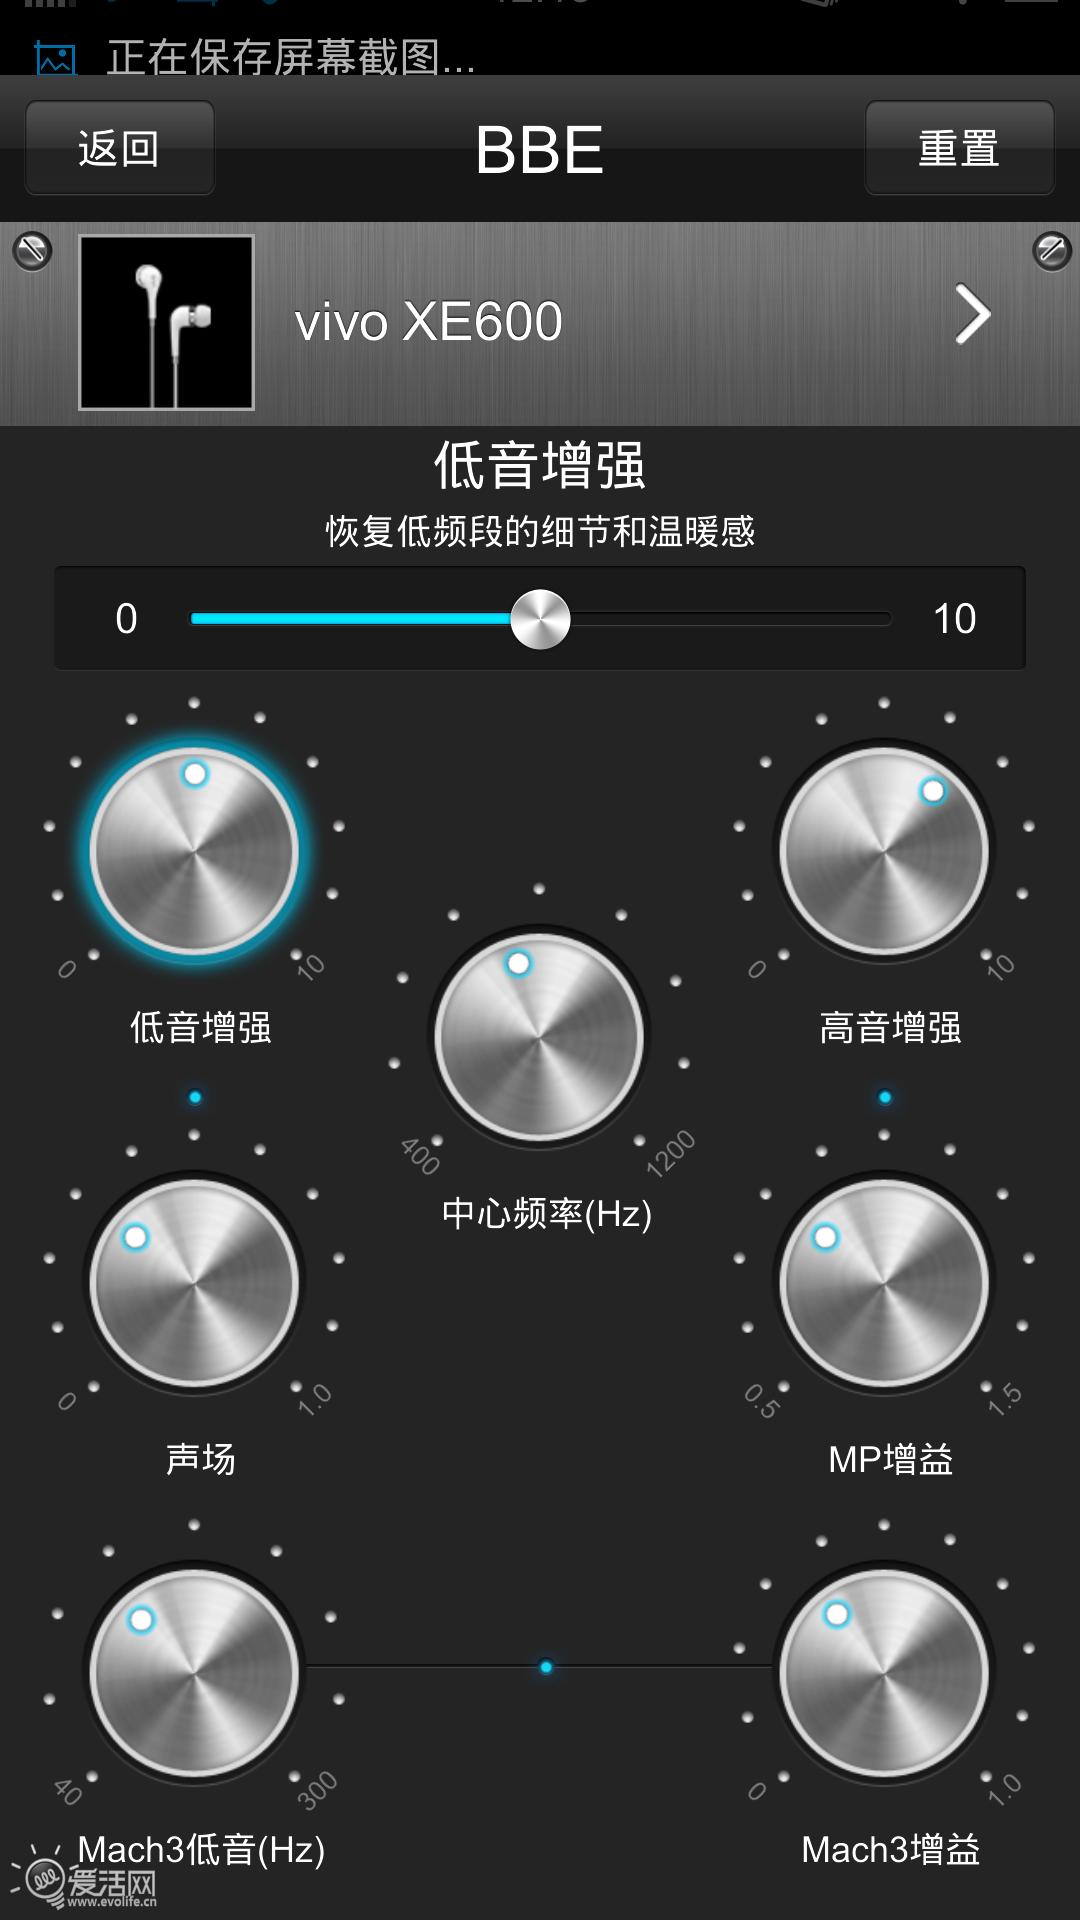 Xplay搭配Onkyo IE-FC300 HiFi模式下音质提升非常明显,最直观的感觉便是推力提升声场变大,首先是音量一下此蹿了两档,之后便感觉由一个小房间换到大厅中,压抑的听感变得豁然开朗,临场感大增;此外,开启HiFi后三频分离度更高,人声和乐器定位分明,低频在量感上也有所增强,下潜比明显比X1更深,也绝非那种嘈杂的轰鸣,而是在保证低频量感的同时还原出优秀质感,低频收的很紧,但不散乱,弹性上有些欠缺。最爱是中频和人声的表现,不开HiFi时听梁静茹的《可惜不是你》时太过干瘪,开启HiFi模式后歌手甜美